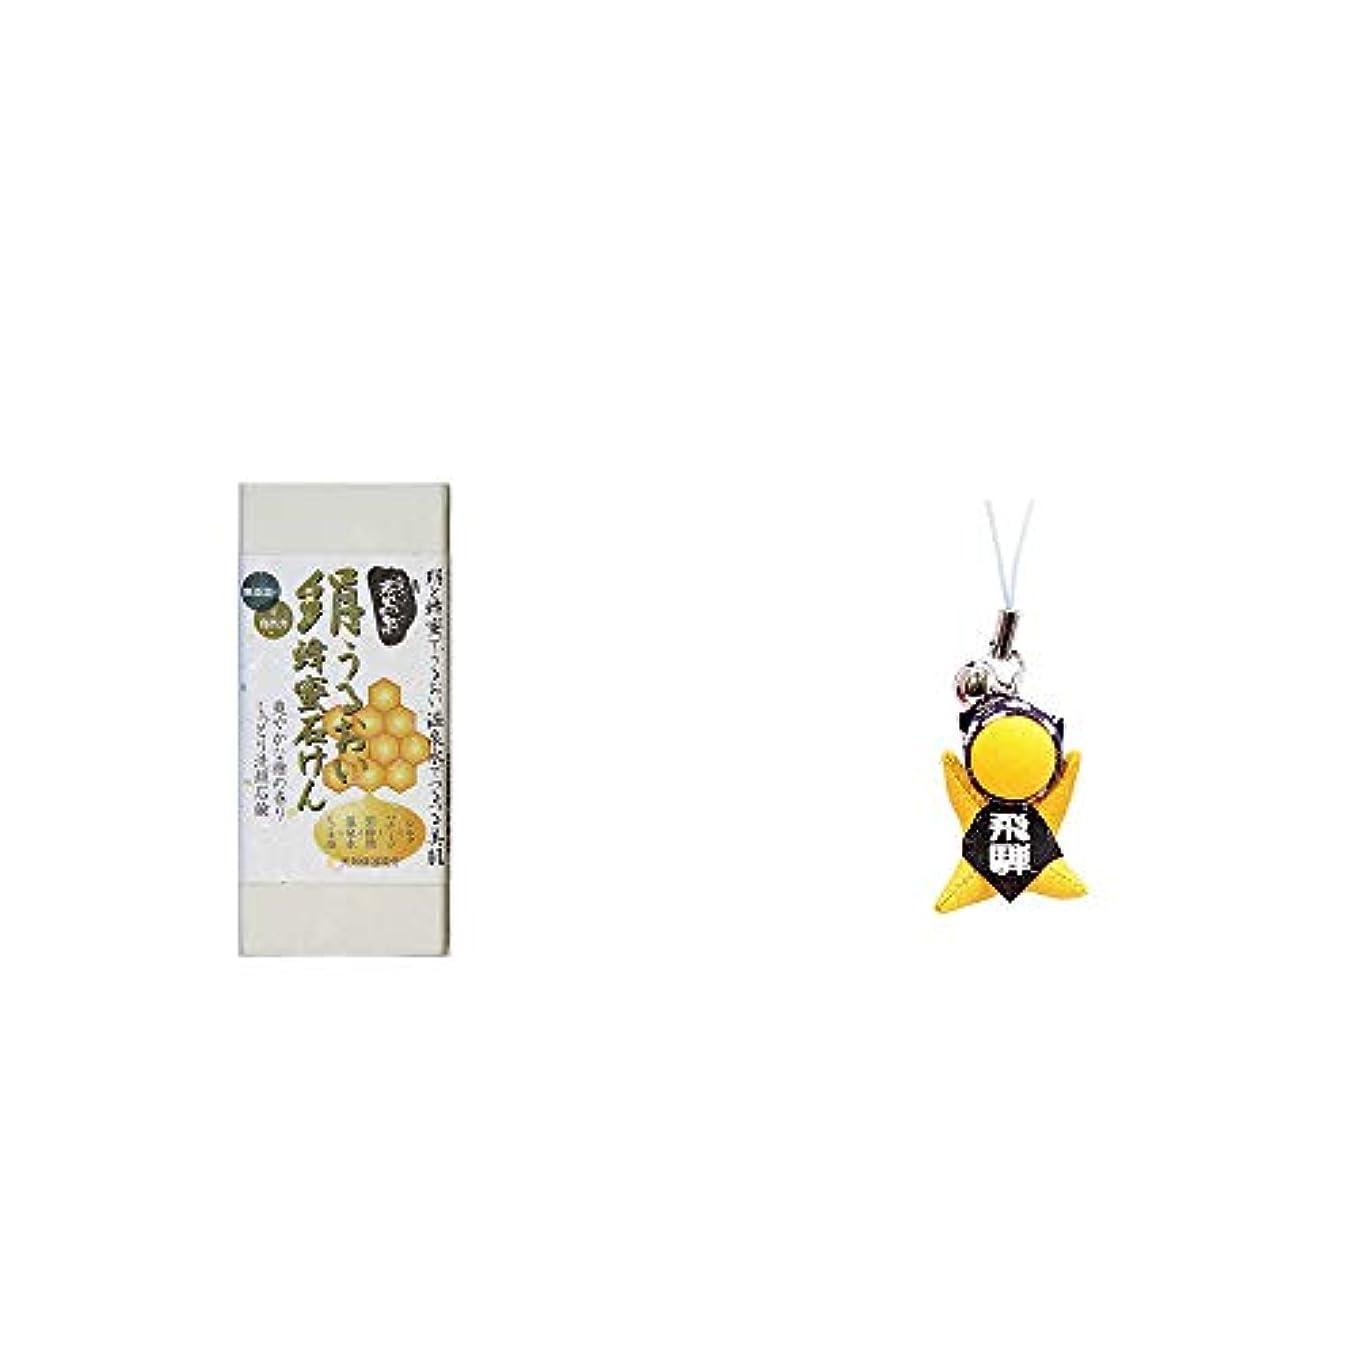 肘問い合わせる無視できる[2点セット] ひのき炭黒泉 絹うるおい蜂蜜石けん(75g×2)?さるぼぼ幸福ストラップ 【緑】 / 風水カラー全9種類 健康 お守り//